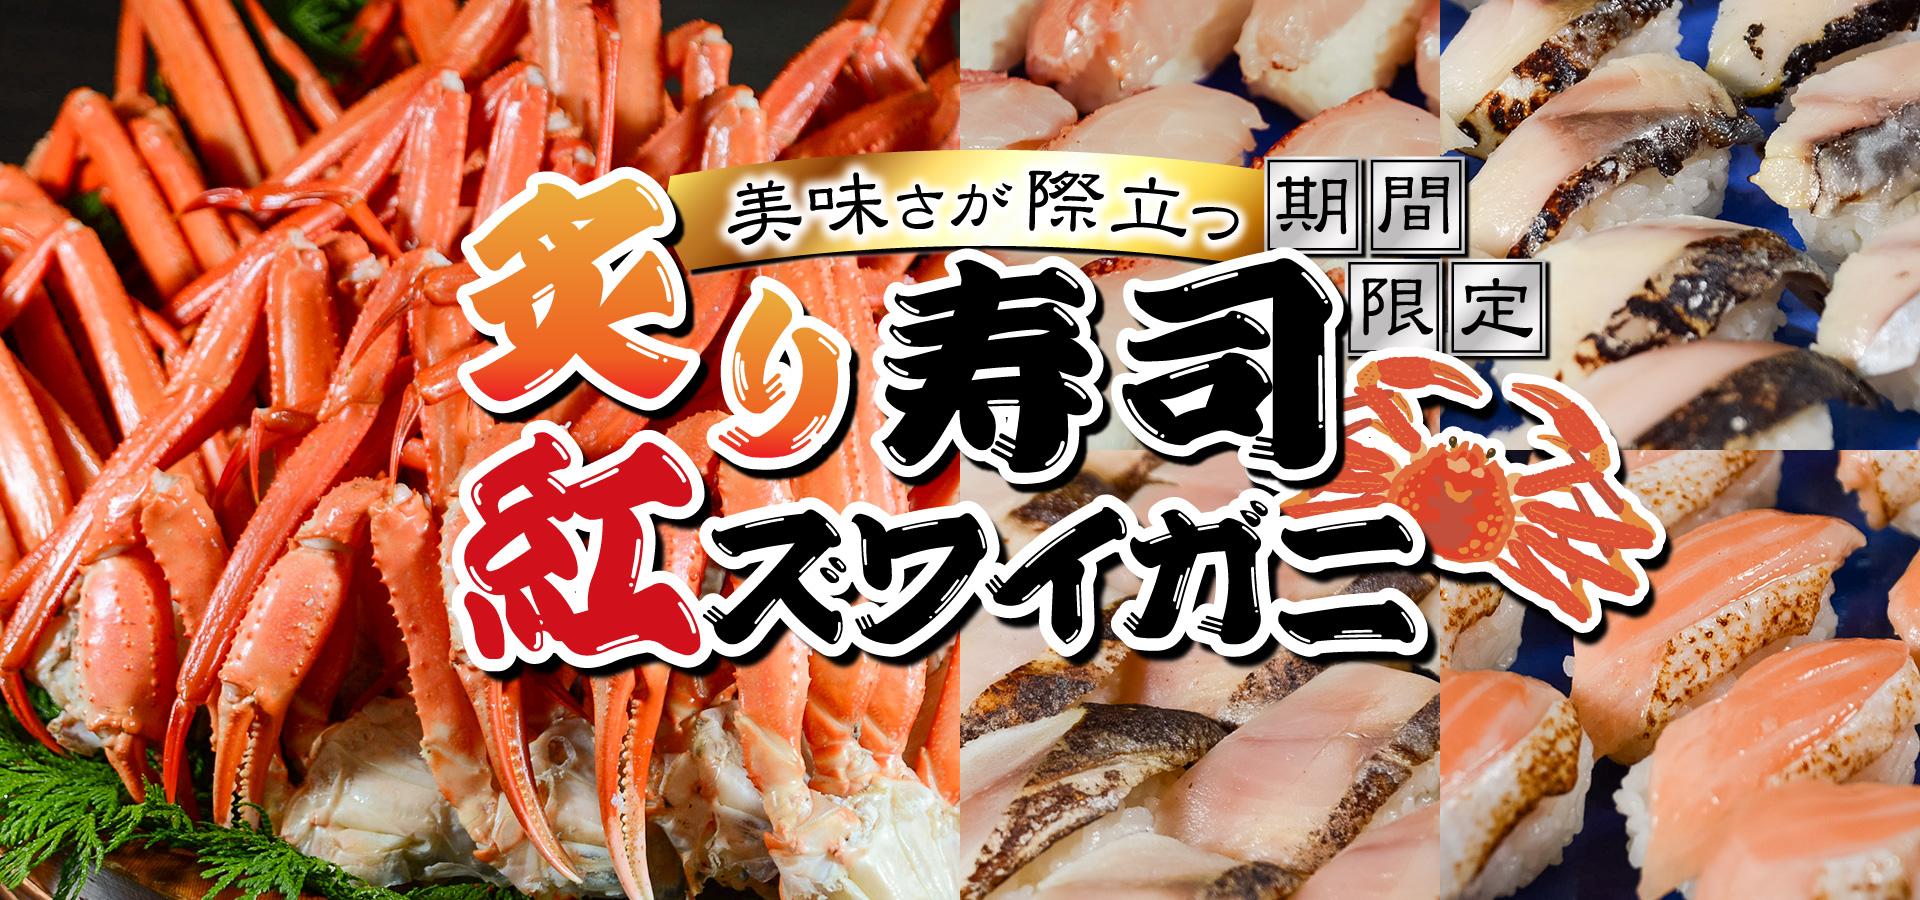 季節の料理フェア